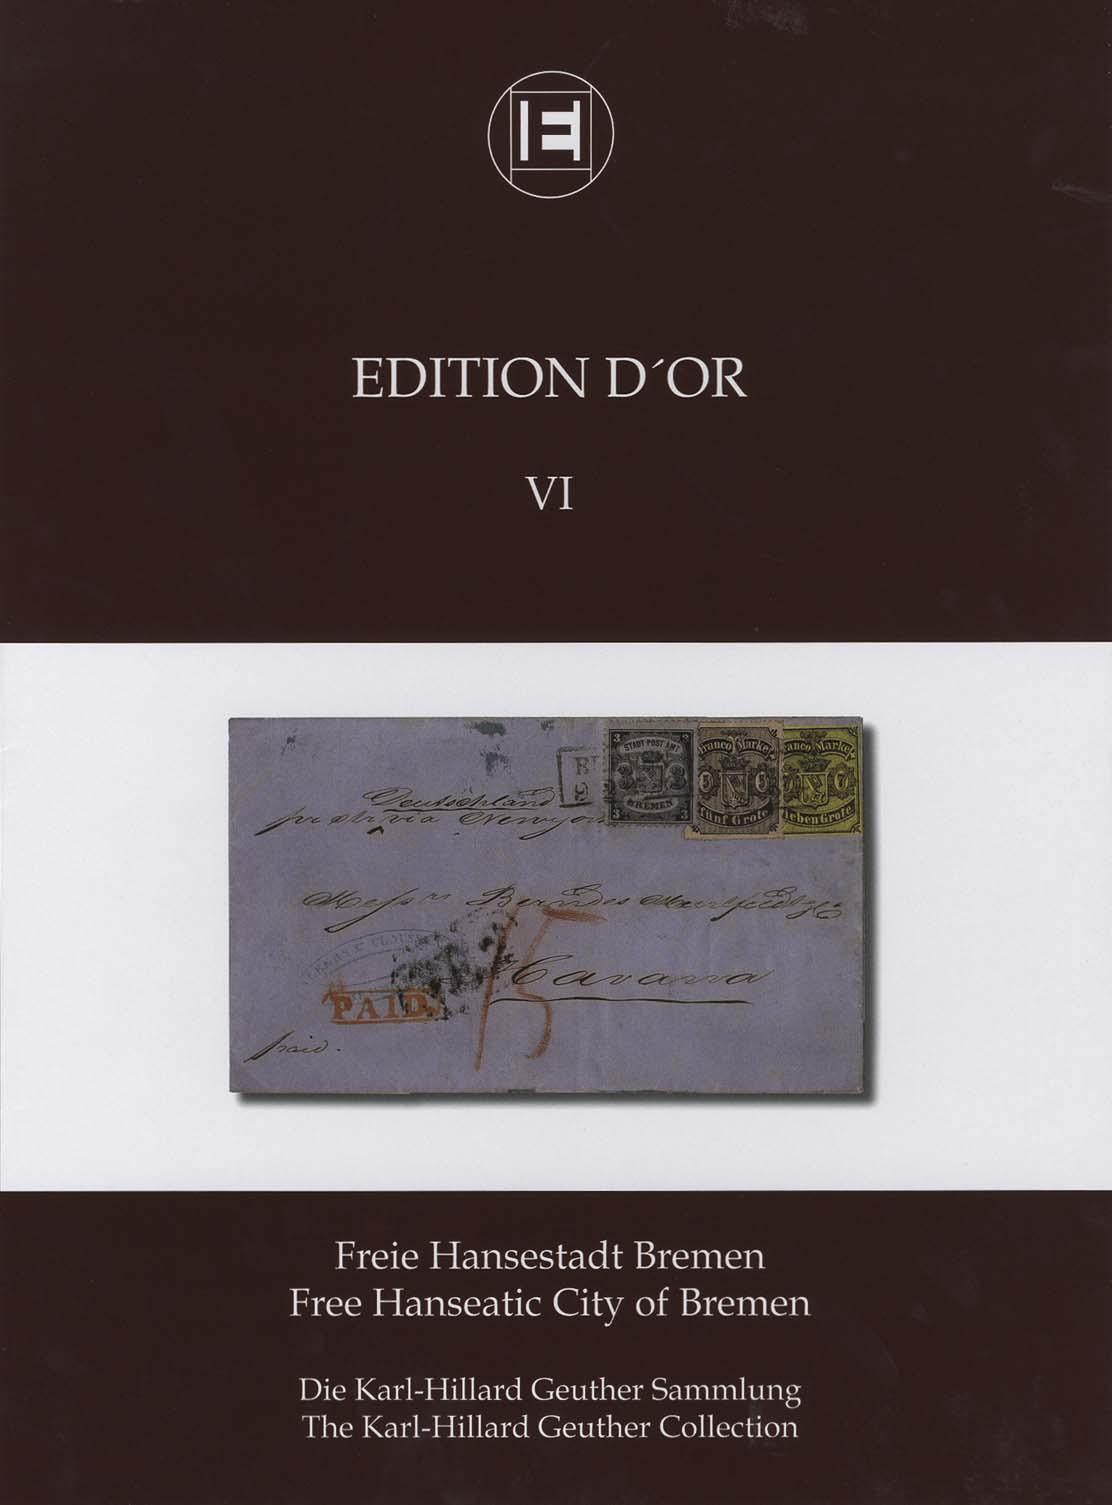 Band 6: Freie Hansestadt Bremen • Die Karl-Hillard Geuther Sammlung